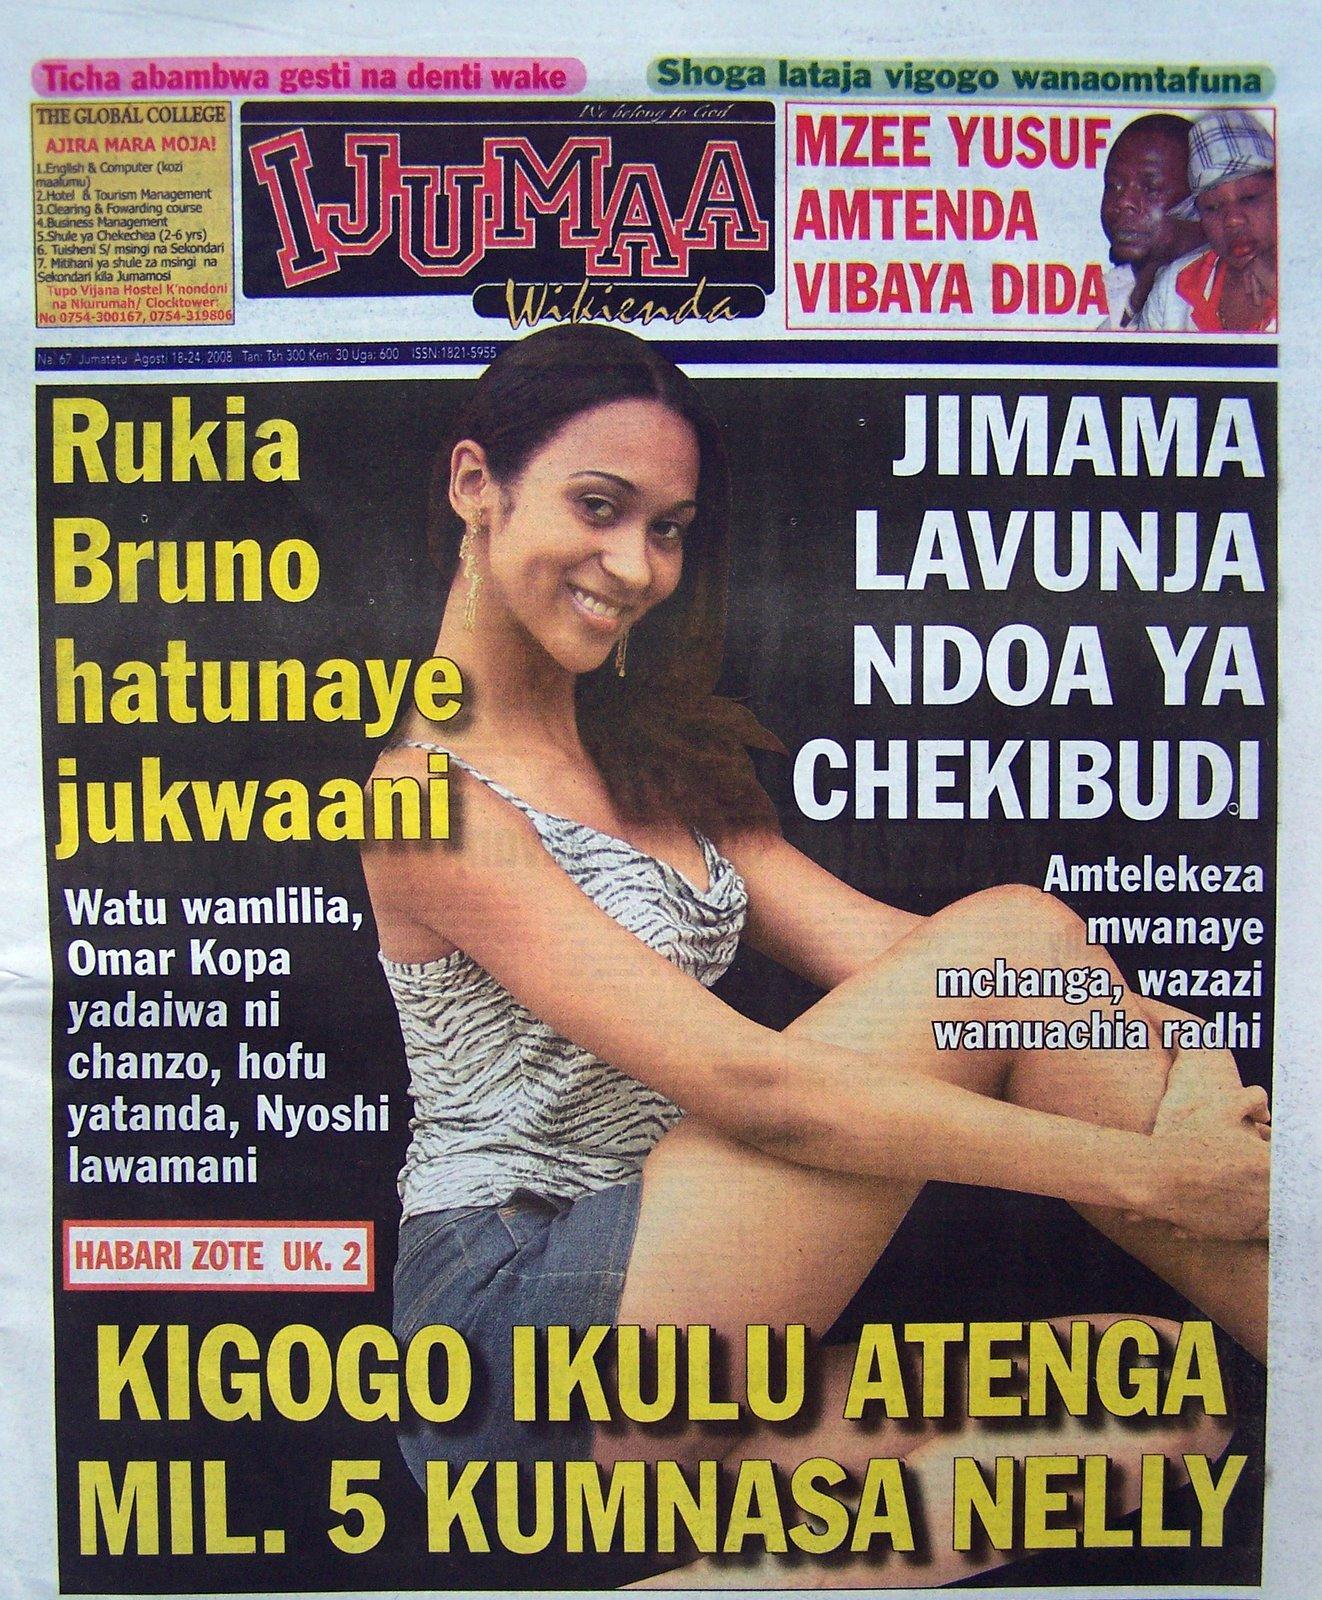 Ijumaa |  Jimama Lavunja Ndoa Ya Chekibudi